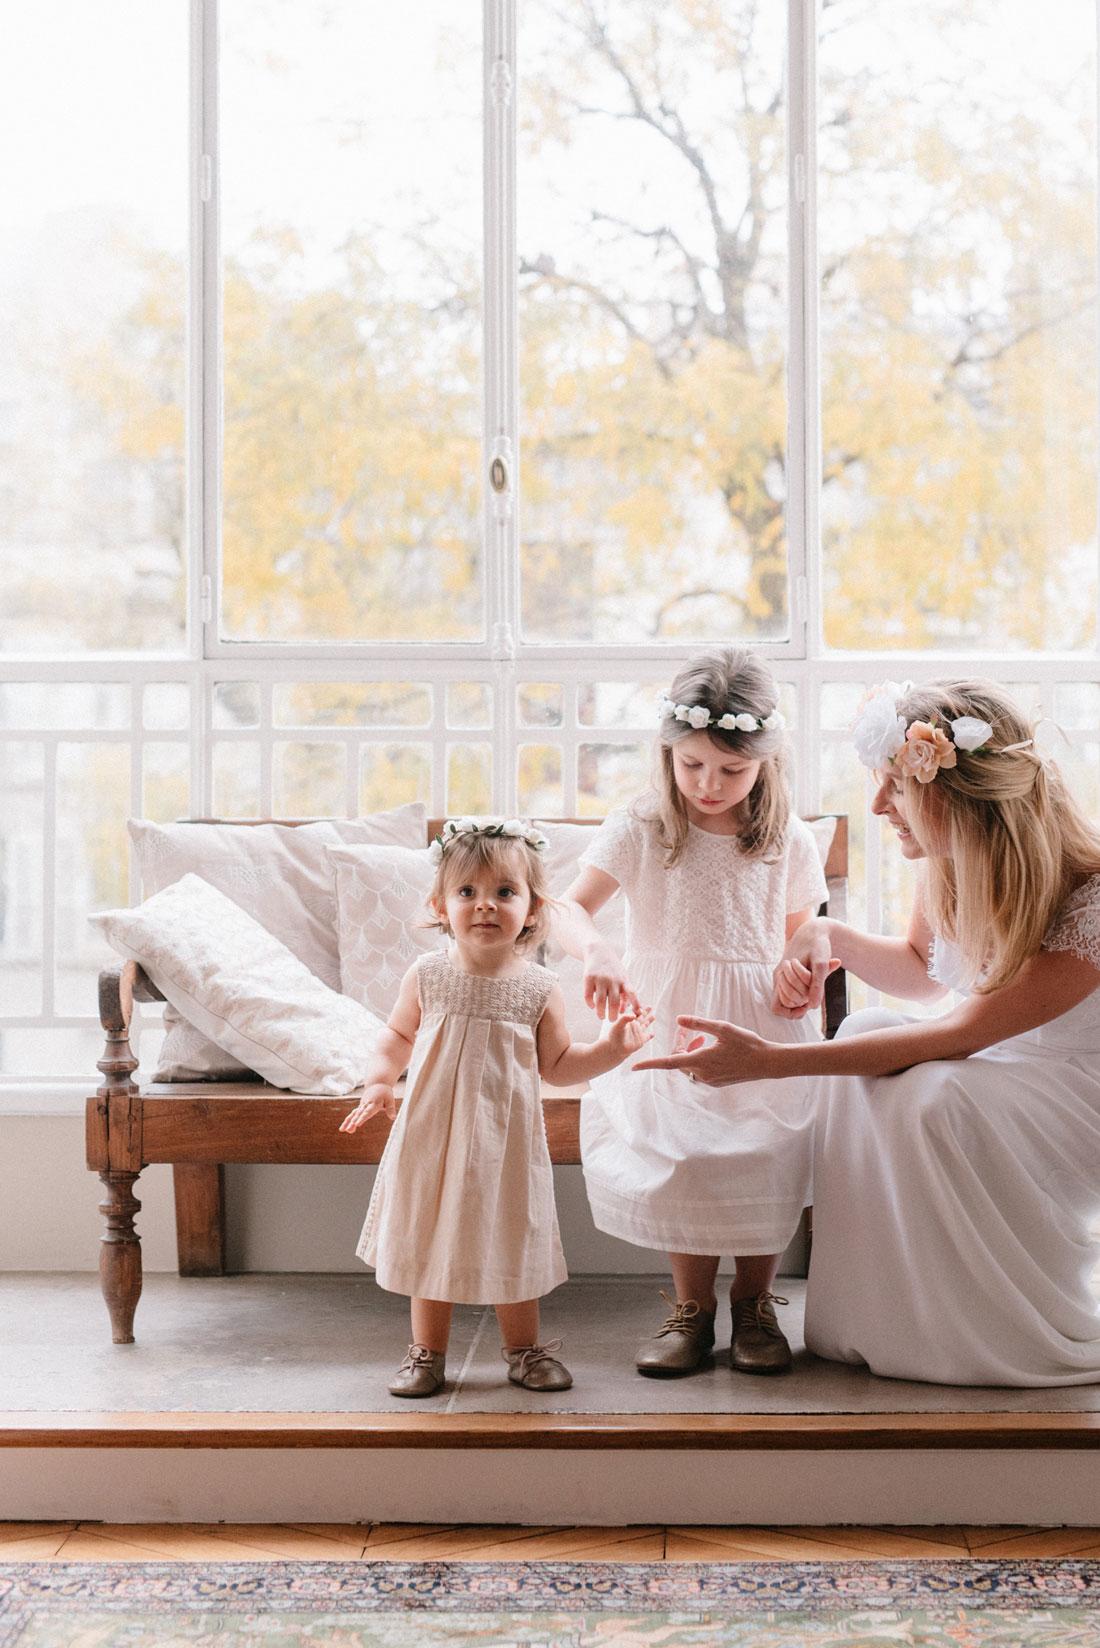 Collection capsule mariage Lorafolk x Monoprix | Crédit Chloé Lapeyssonnie - Bold Photography | Blog La Mariée Sous Les Etoiles